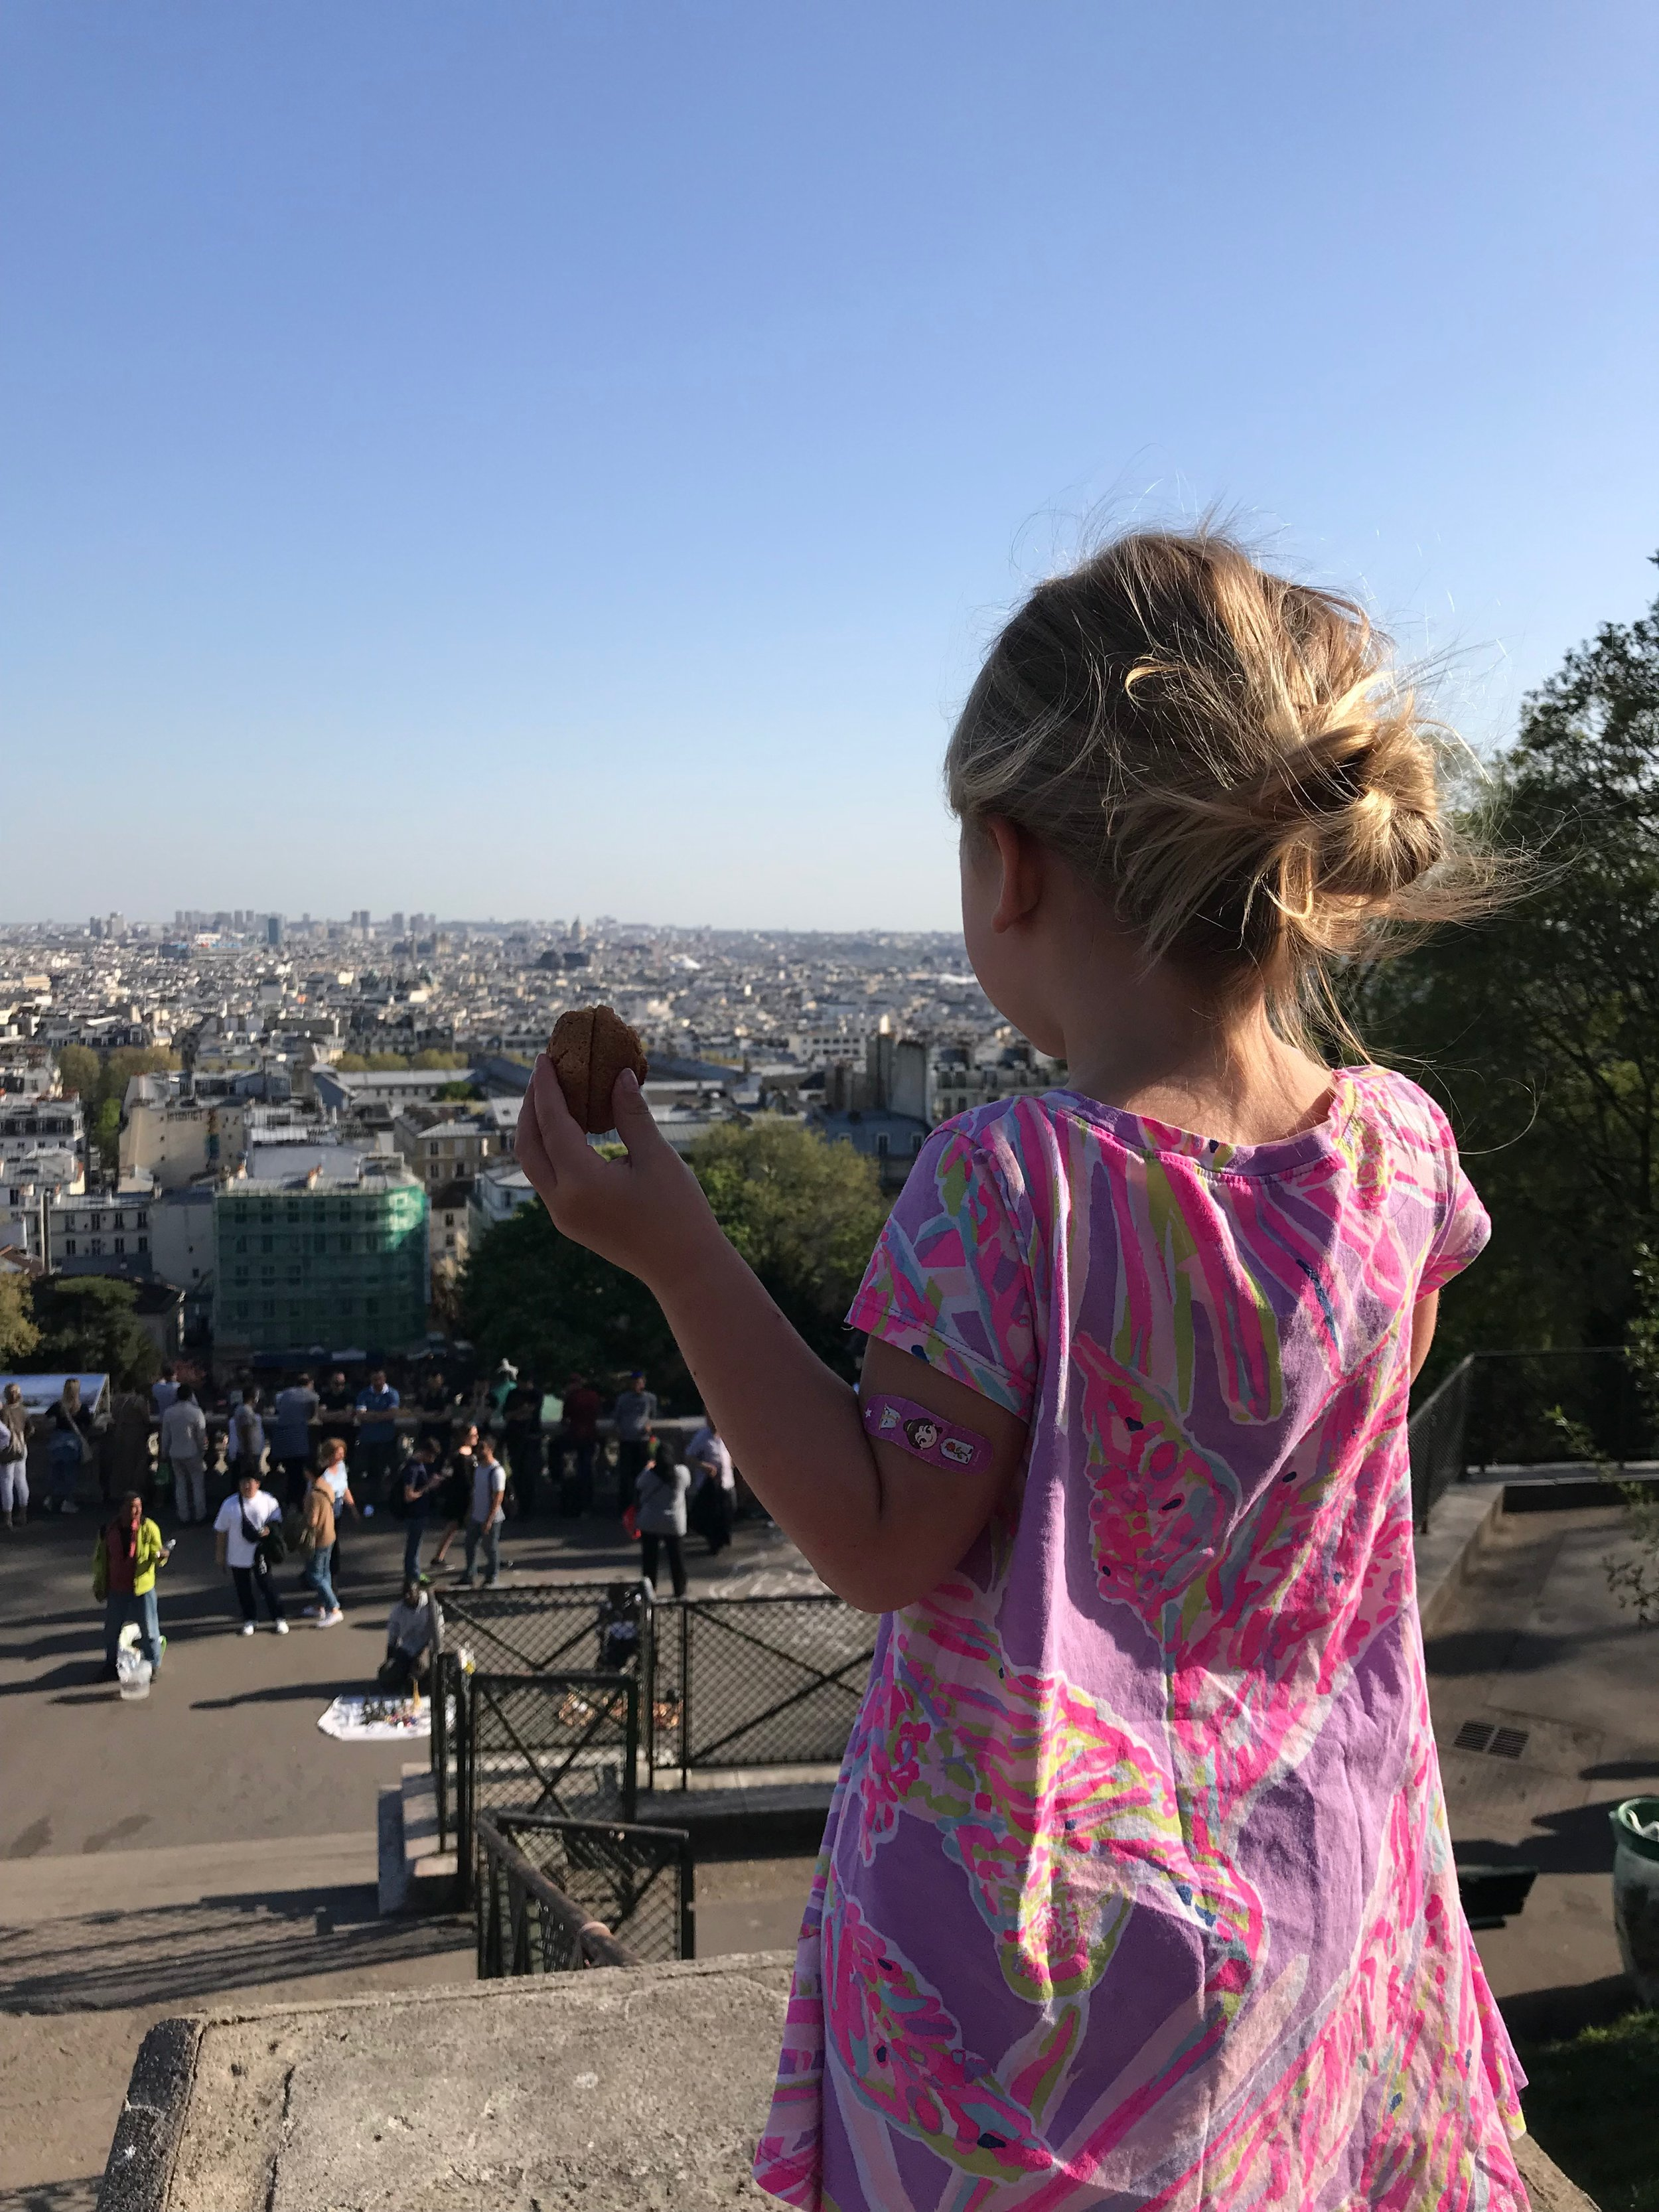 My girl eating macaroons taking in paris